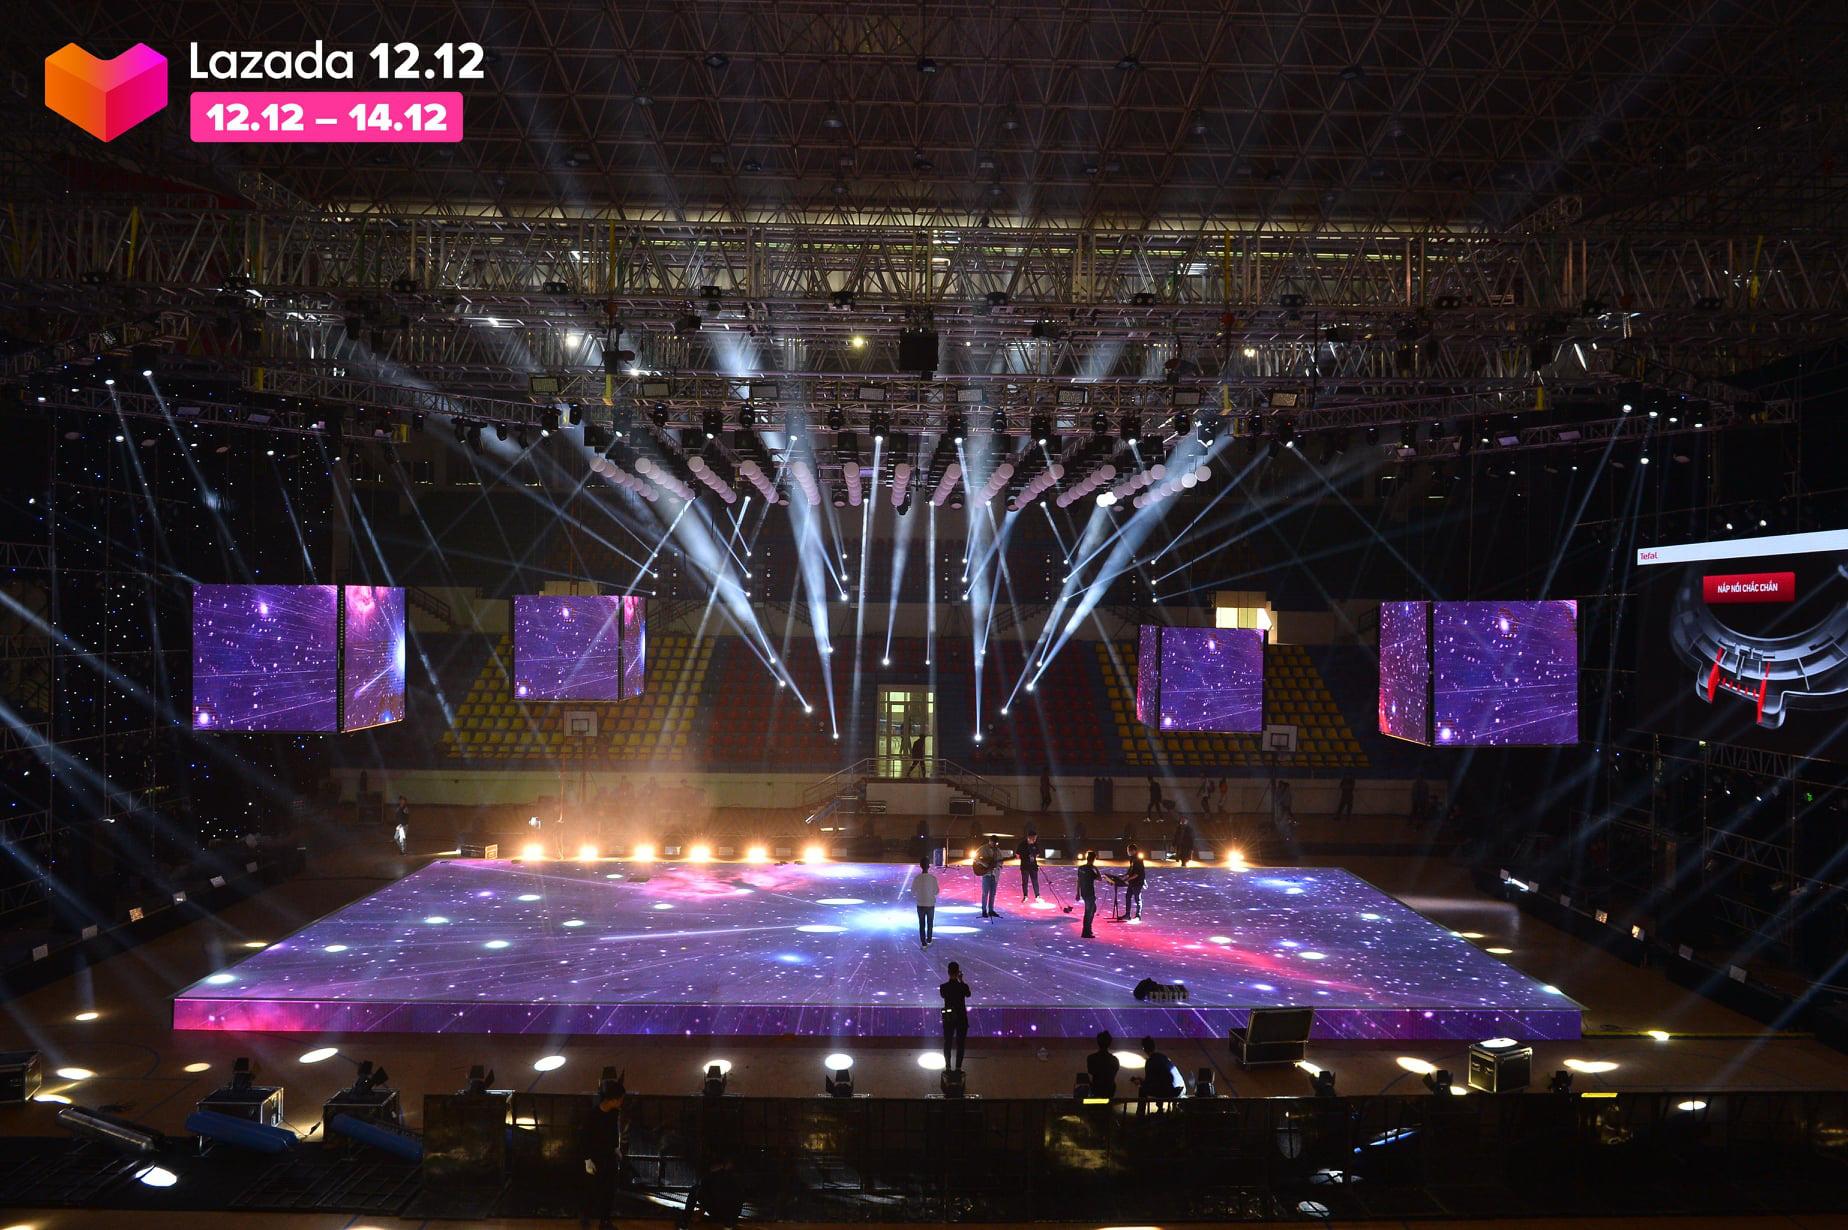 Sân khấu Lazada 12.12 Super Show trước giờ G: Đen Vâu, Jack, Dế Choắt... tích cực tập luyện, hứa hẹn một đêm nhạc hội đã tai, đã mắt - Ảnh 7.